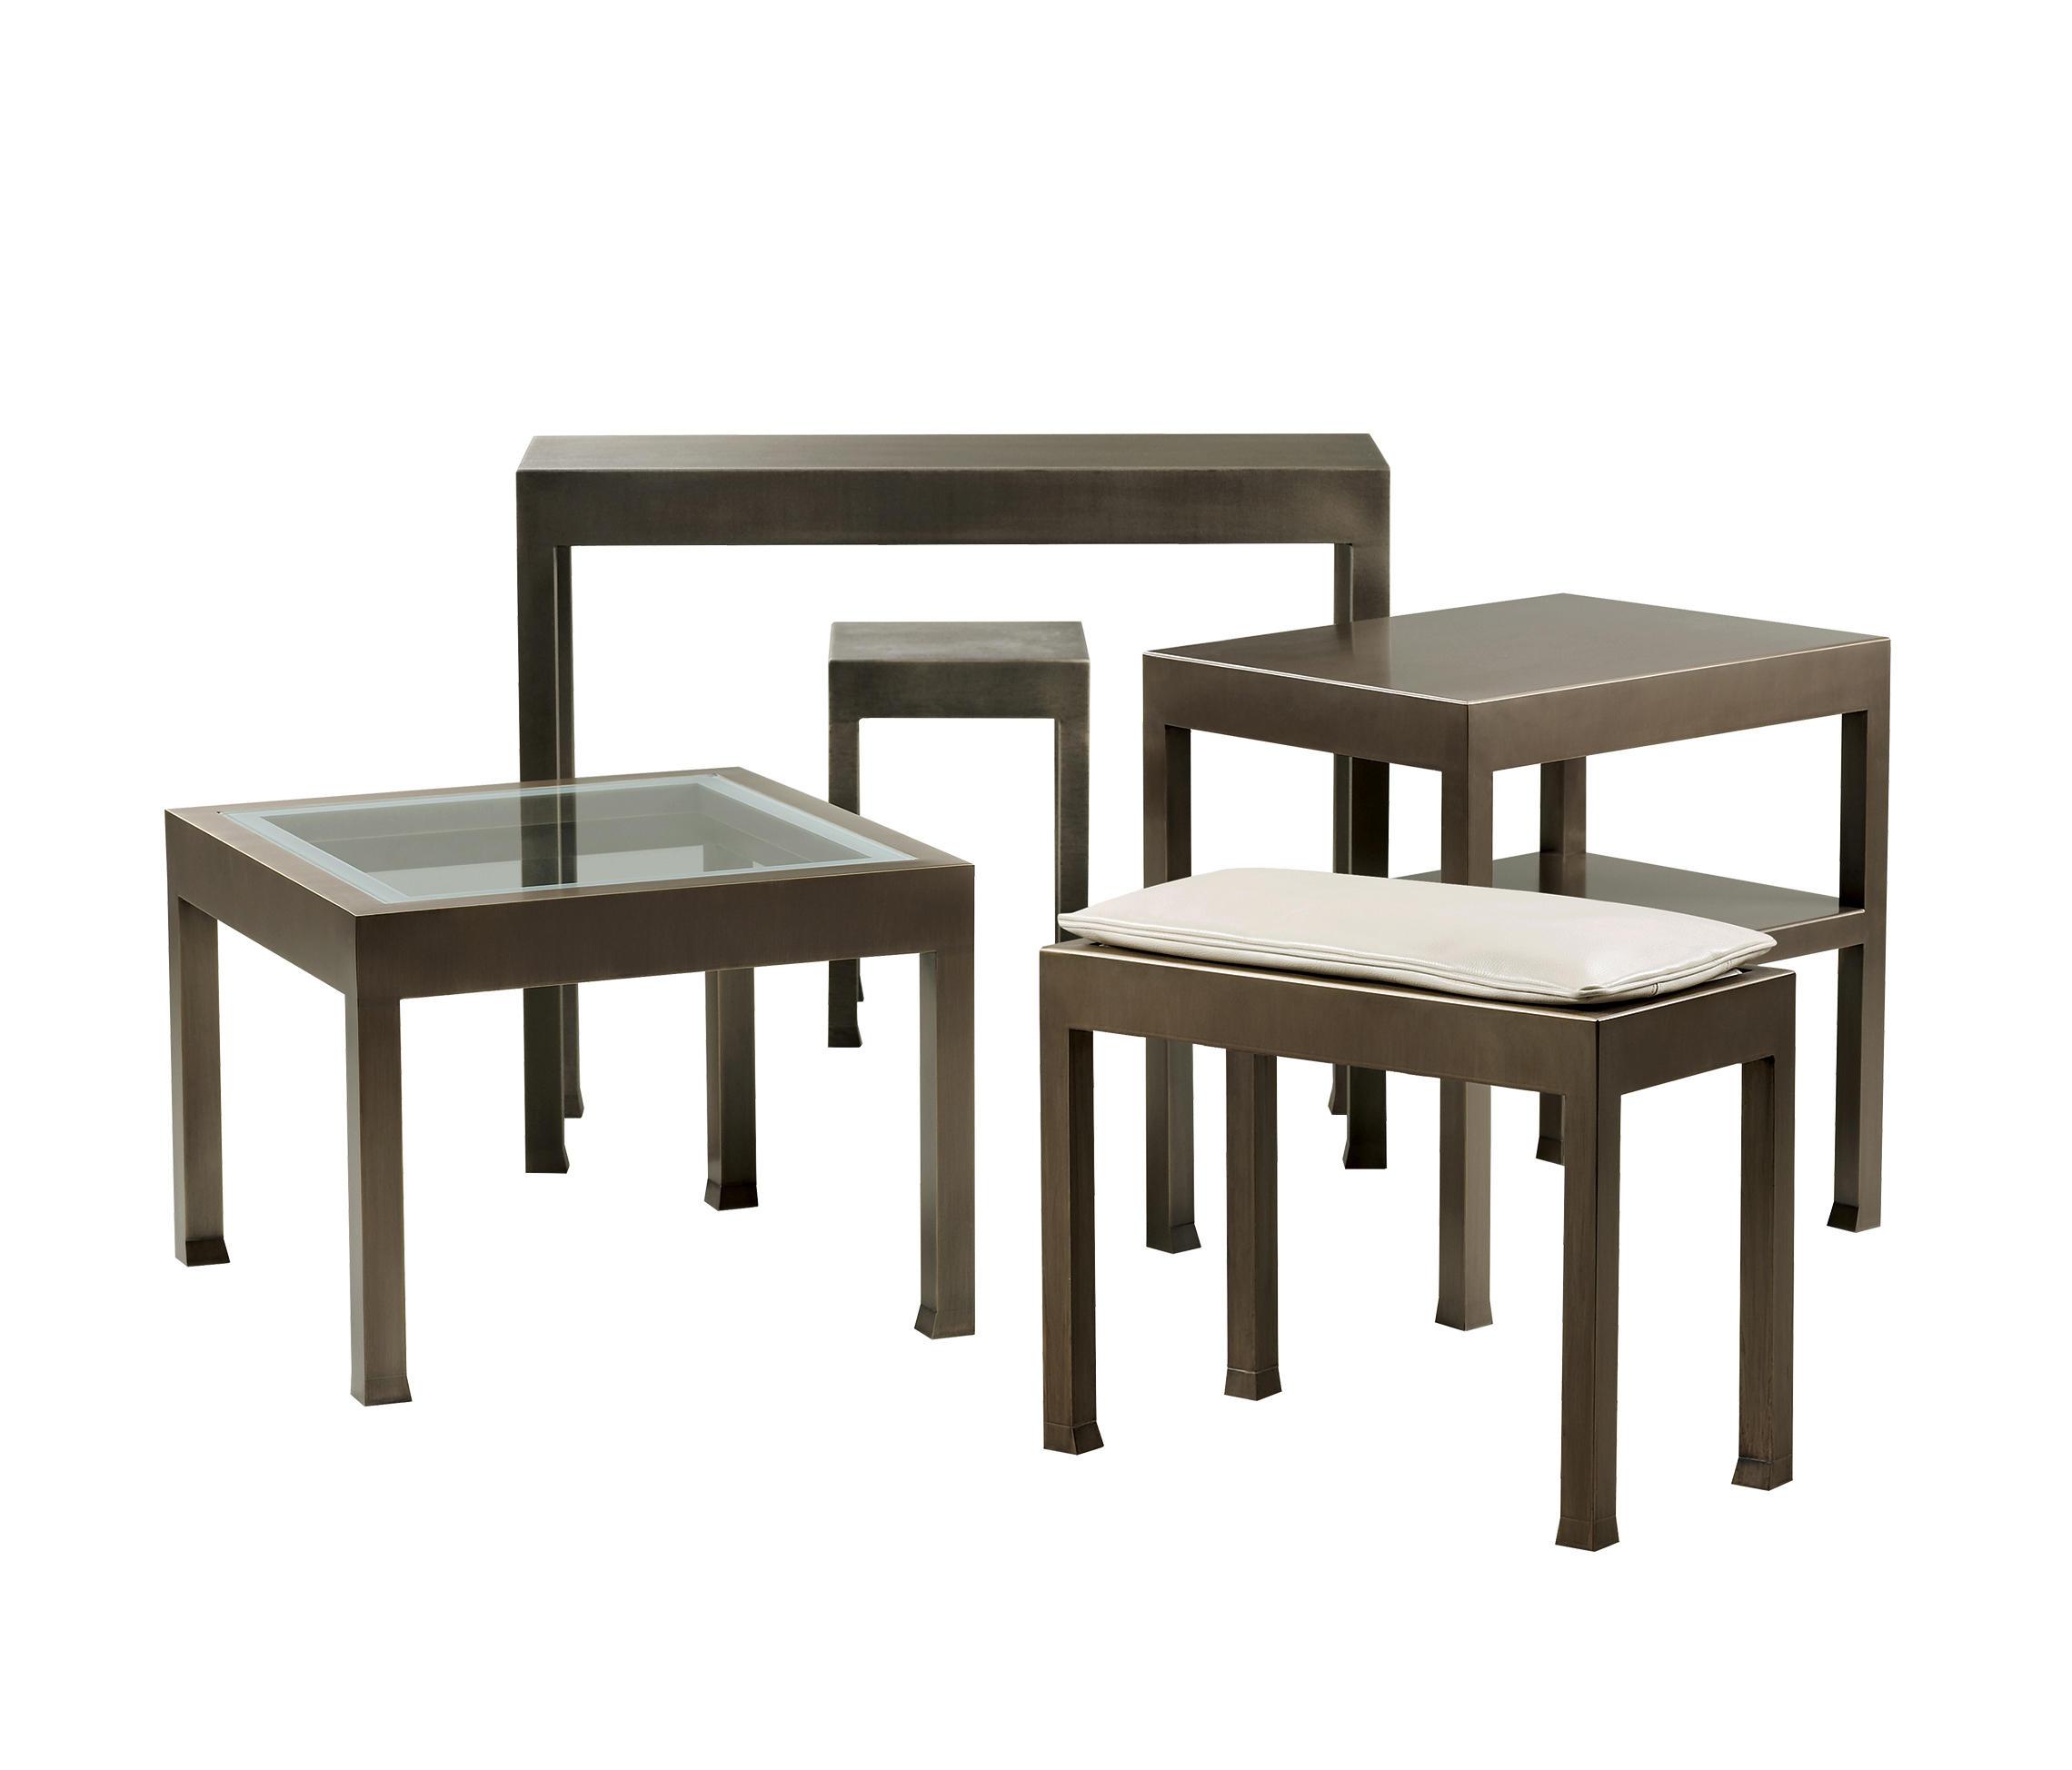 Gong tavolino tavolini alti promemoria architonic - Promemoria mobili ...